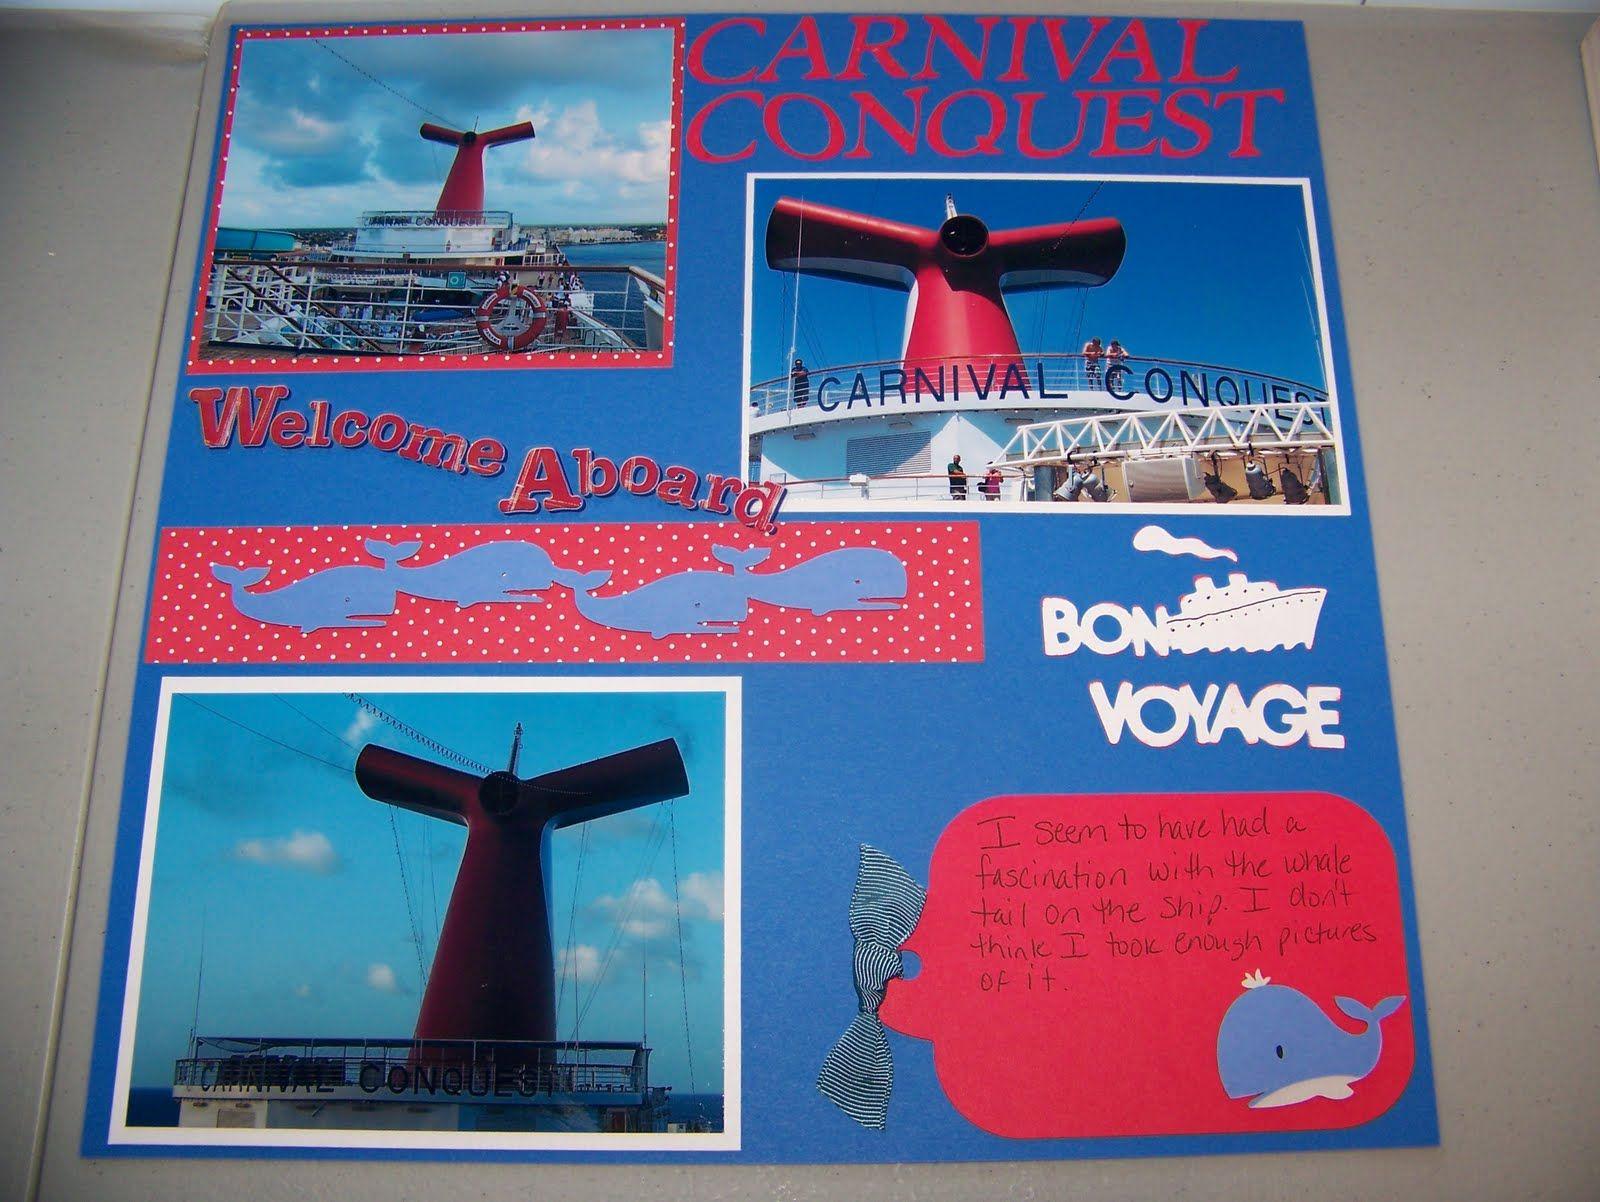 Wedding scrapbook ideas using cricut - Scrapbook Page Layouts Cruise Jamaica Jen Luvs Cricut Corner Carnival Cruise Scrapbook